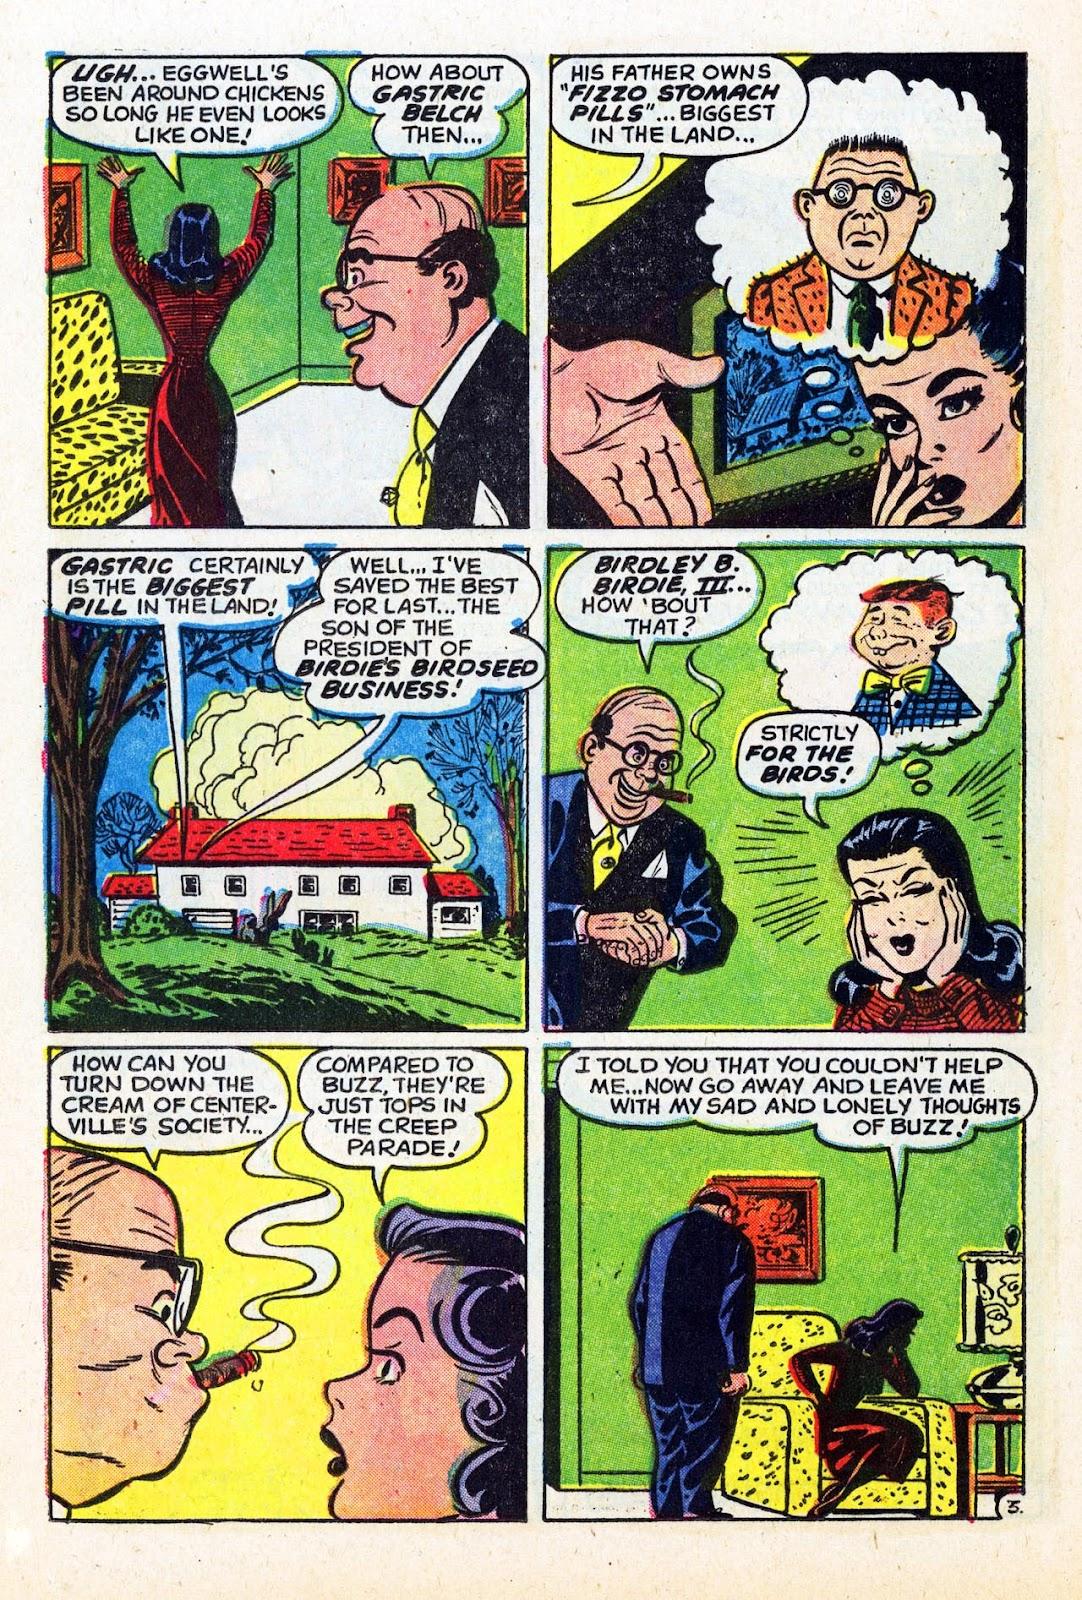 Read online Patsy Walker comic -  Issue #58 - 12